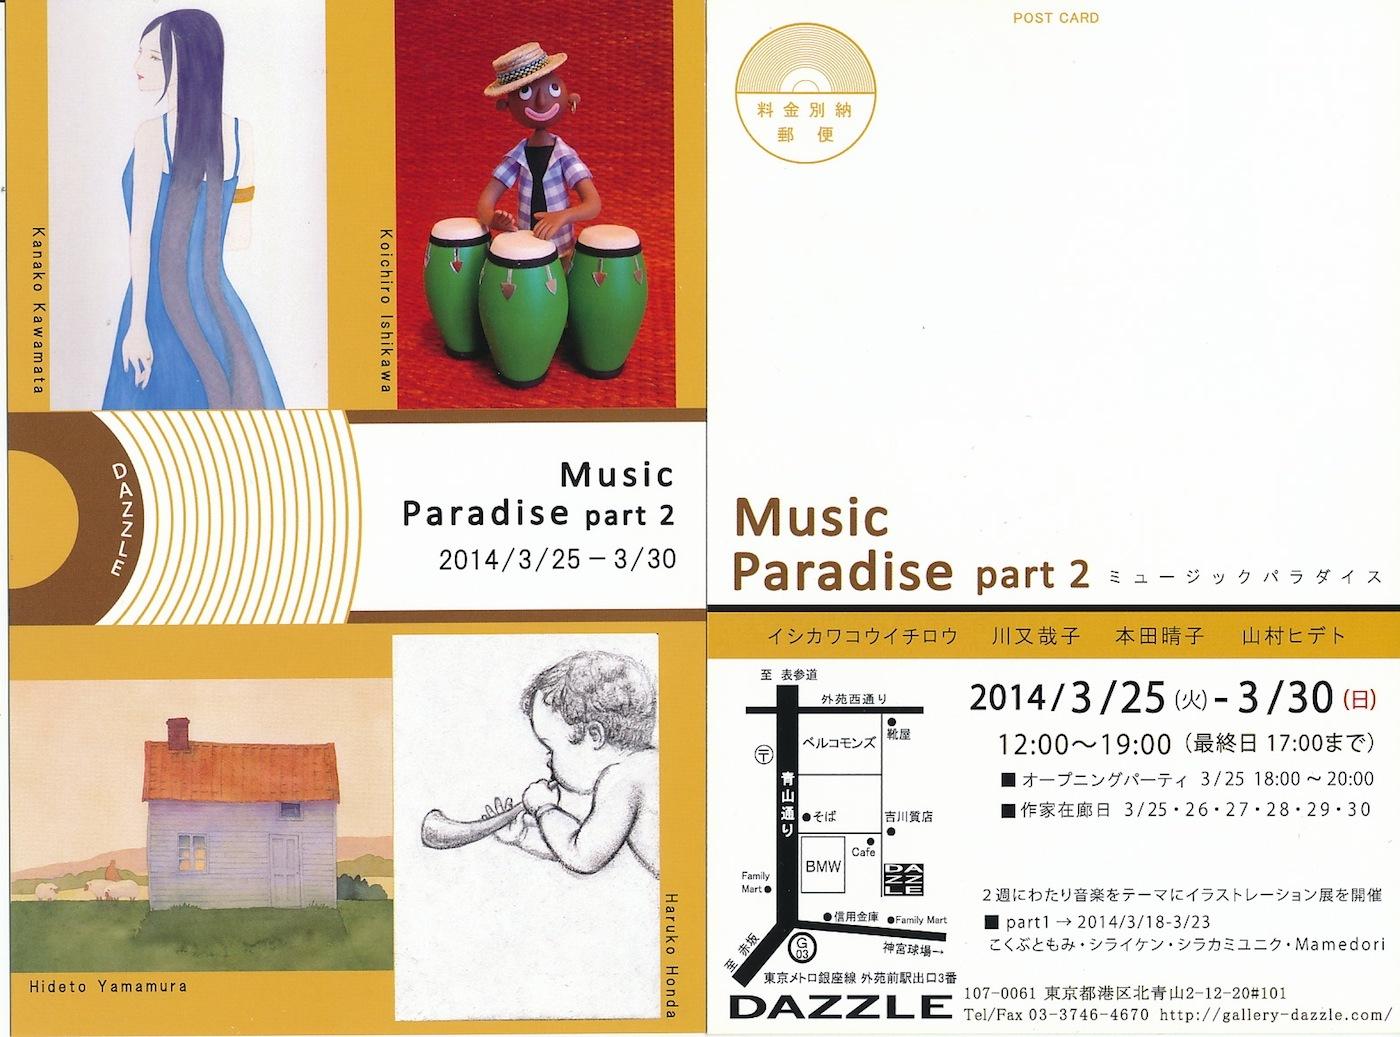 ギャラリーDAZZLEのMusic Paradice part2に参加します